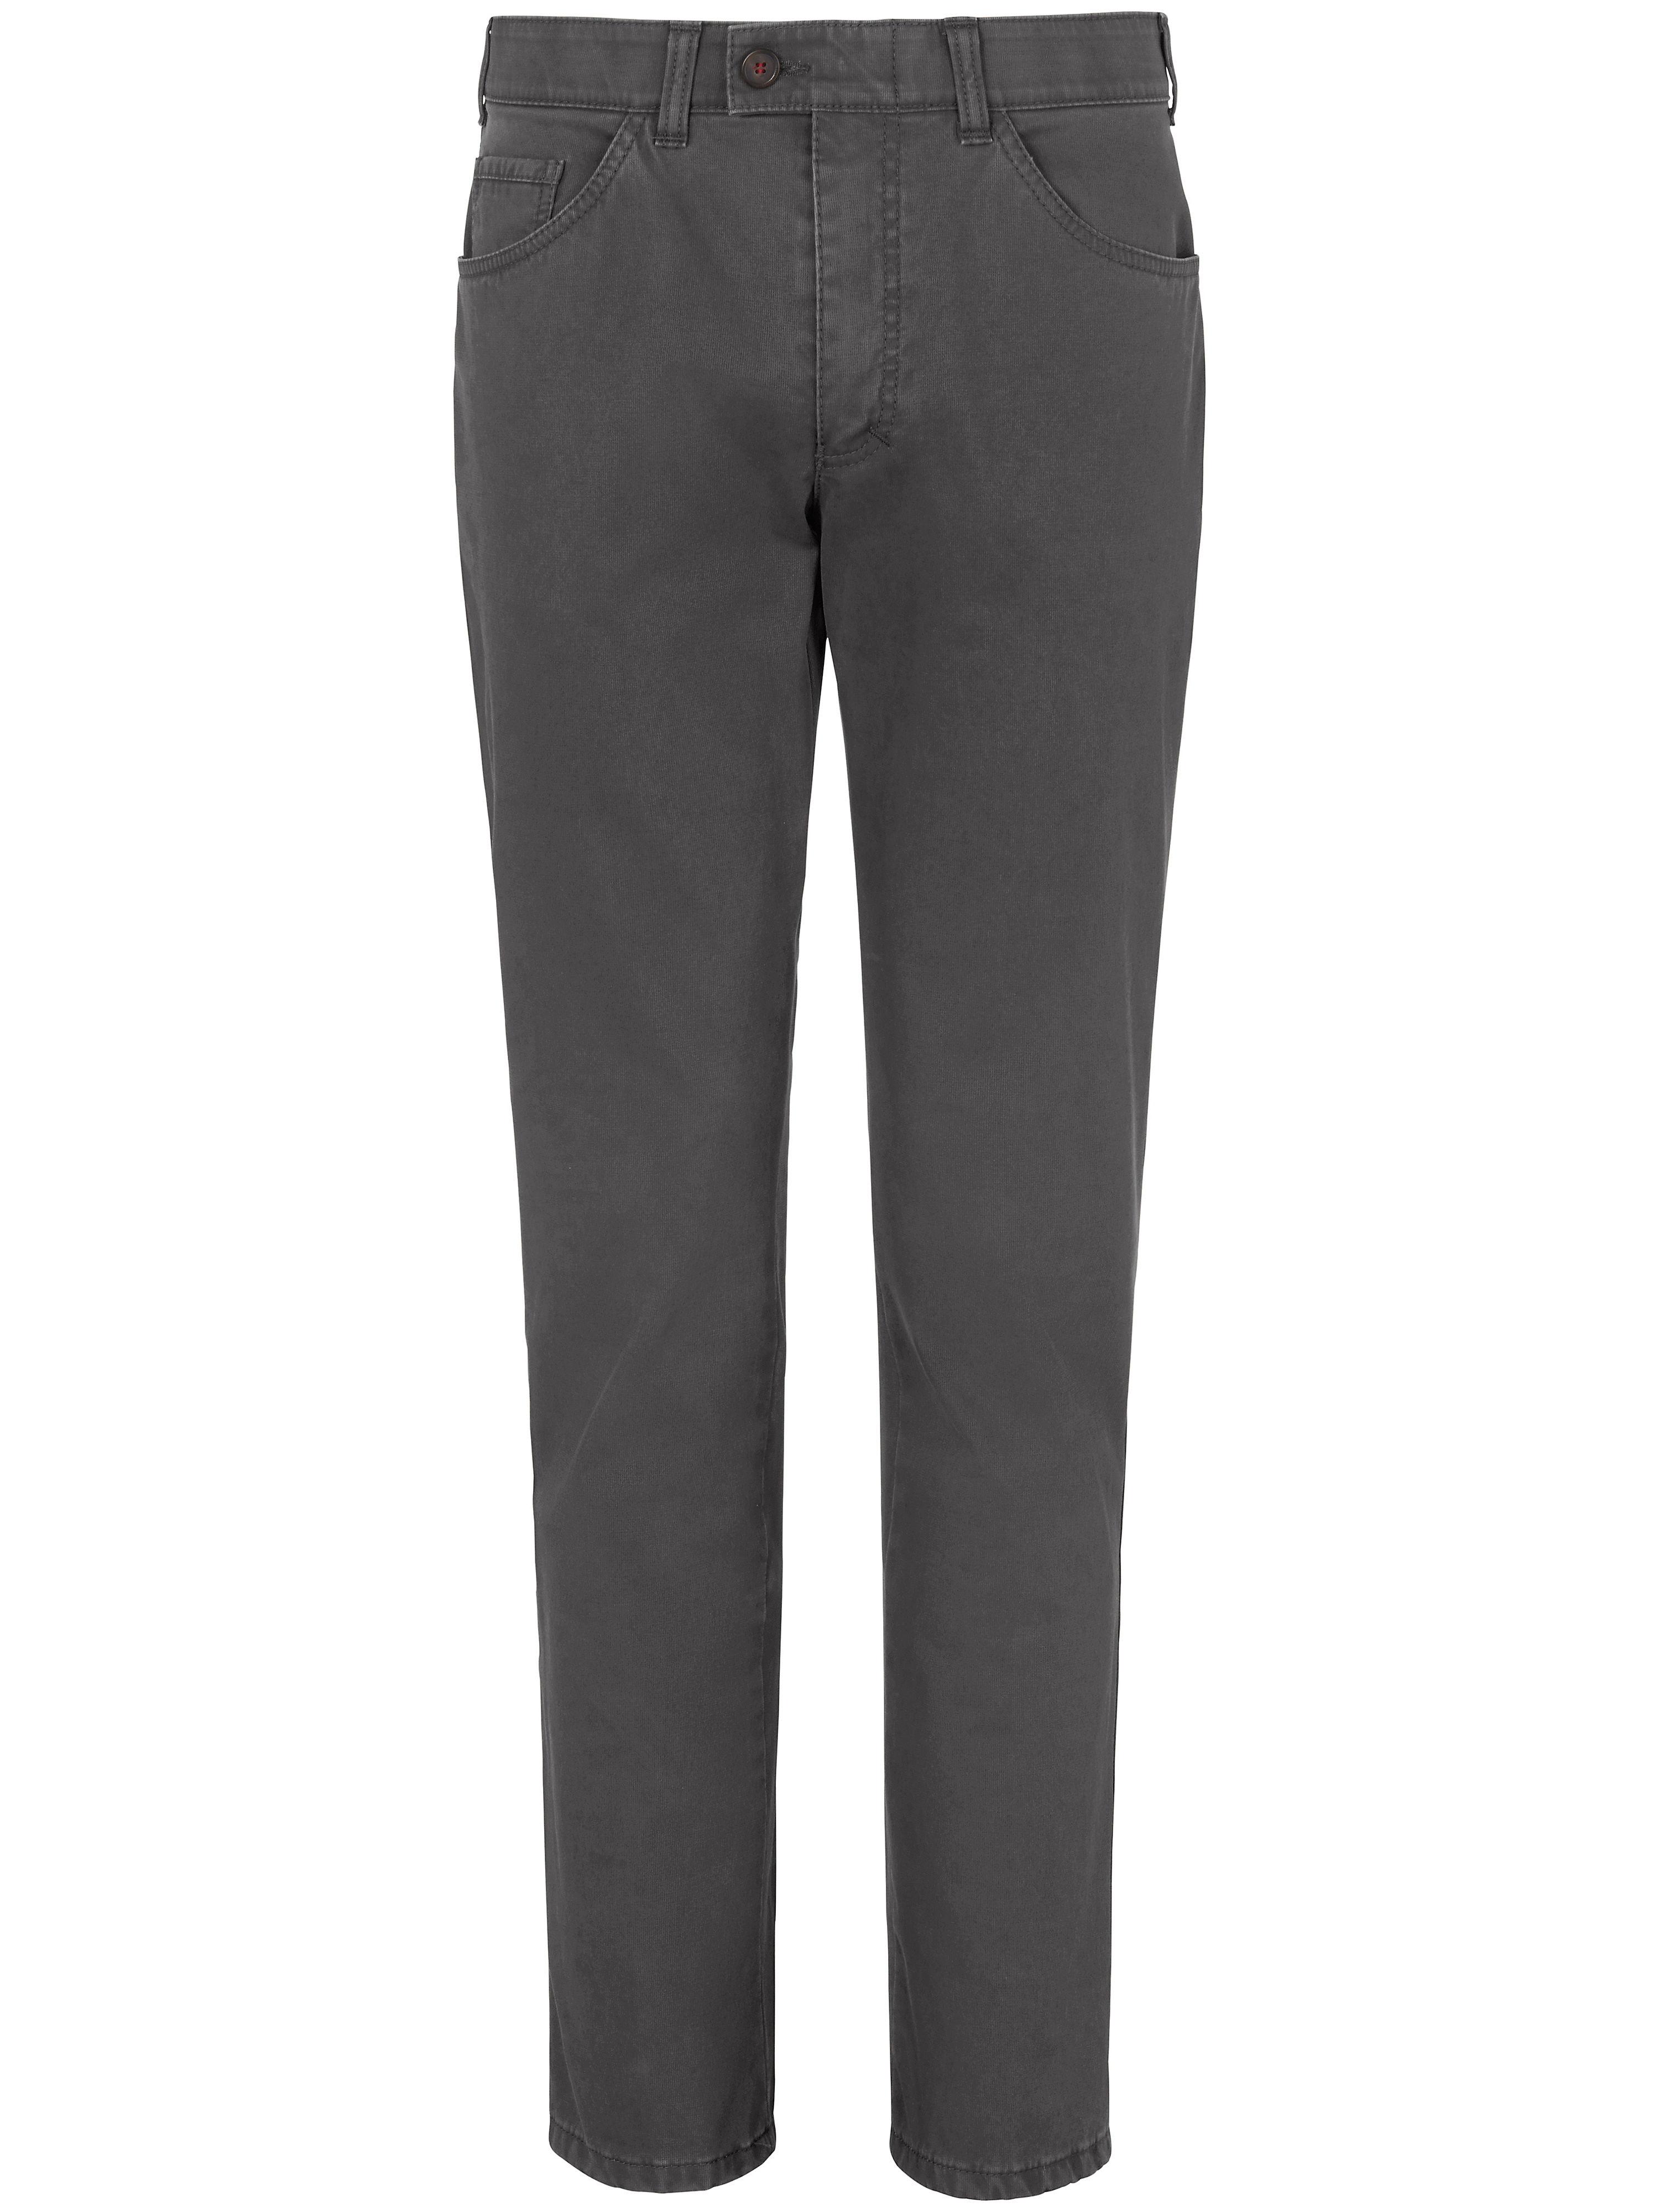 Le pantalon chaud Modèle Keno  CLUB OF COMFORT gris